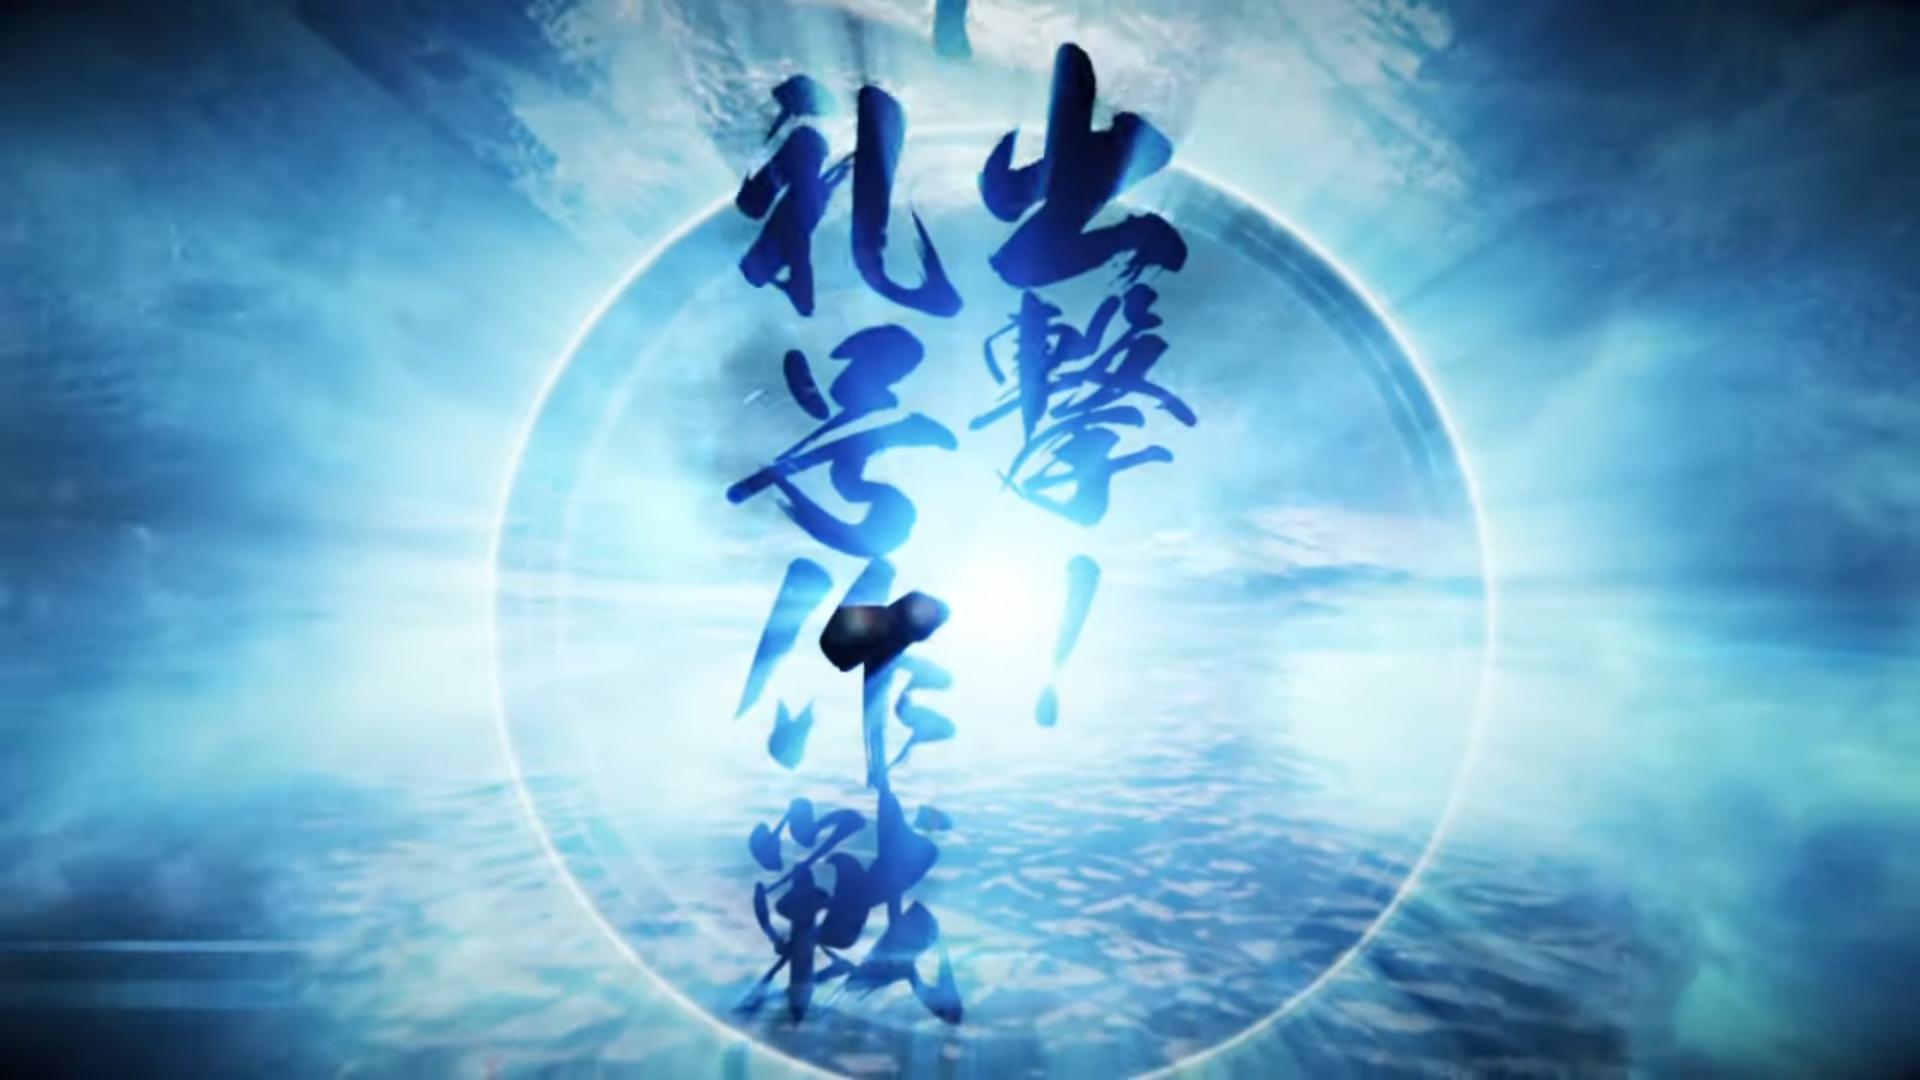 第九回イベント「出撃!礼号作戦」情報